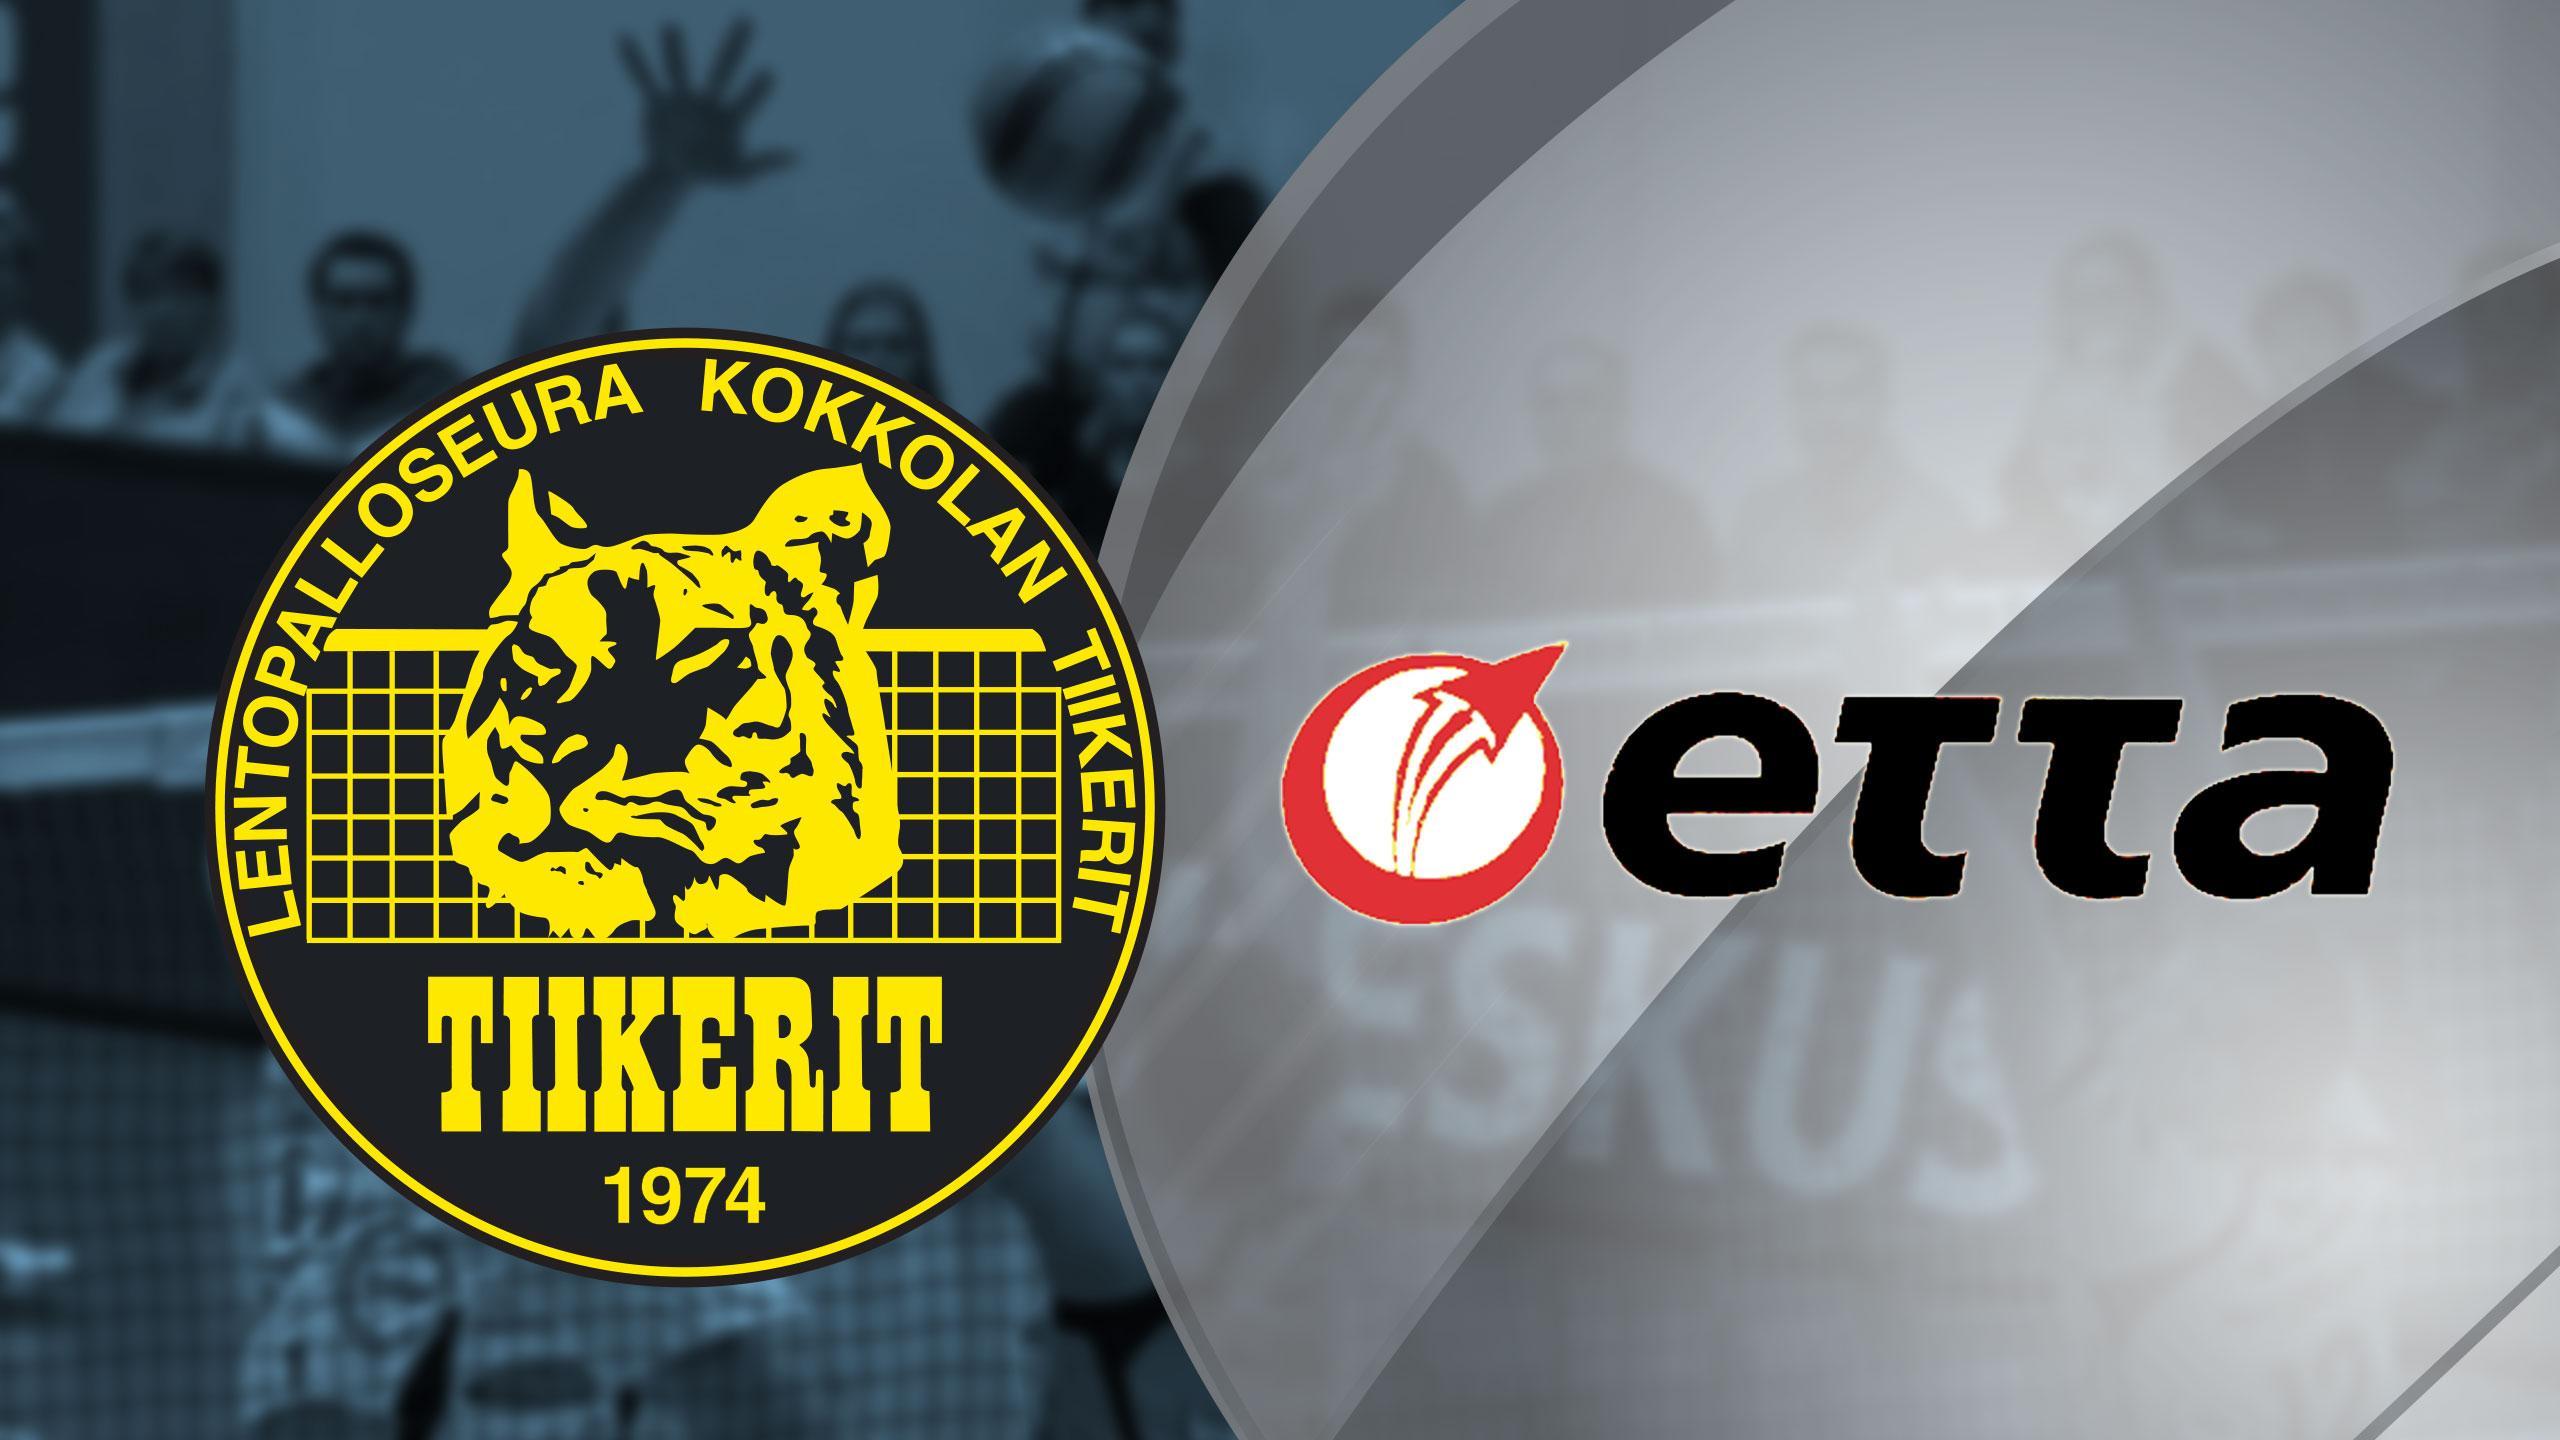 7.2.2018 Mestaruusliiga LIVE: Kokkolan Tiikerit - Etta stream | Ruutu